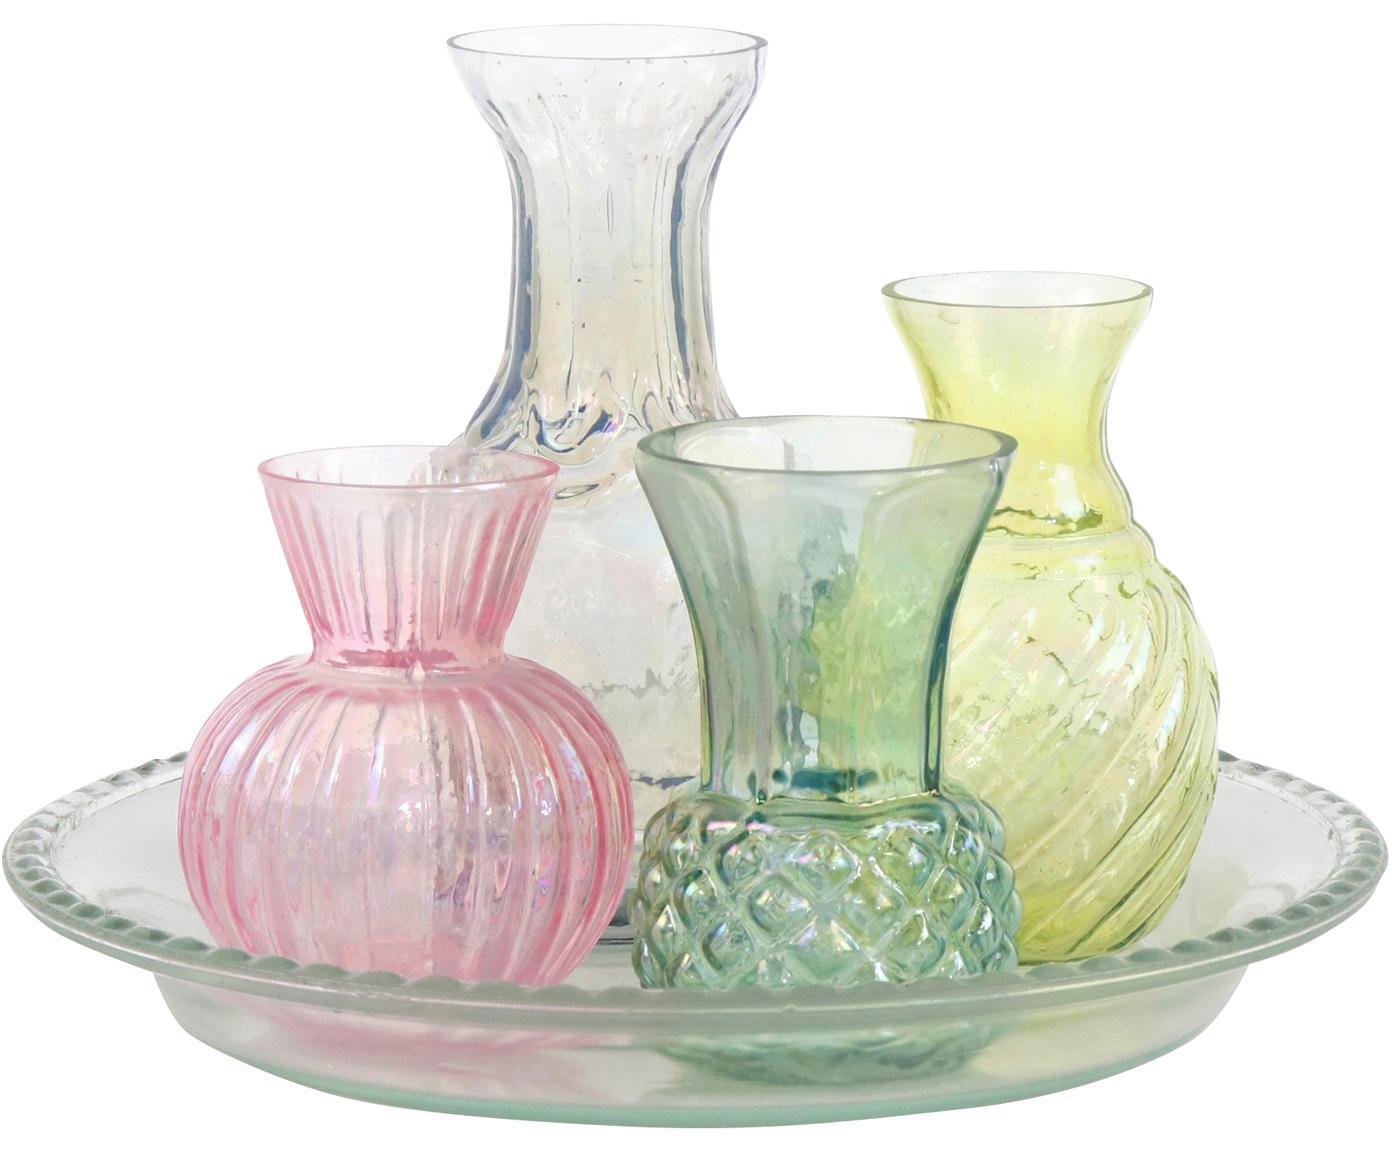 Glazen vazenset Poesie, 5-delig, Glas, Multicolour, Verschillende formaten